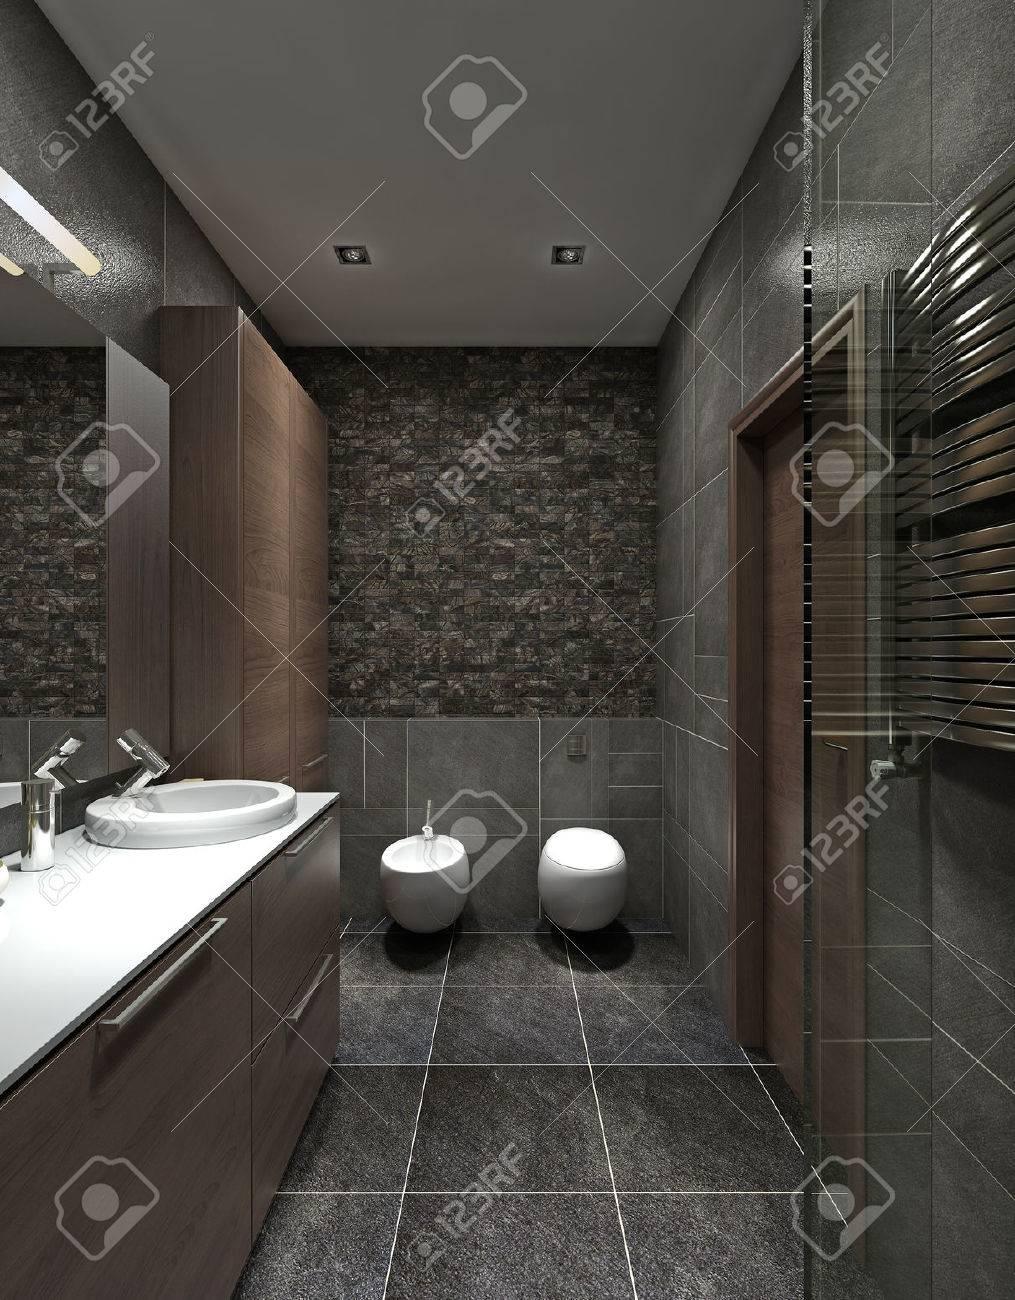 Un cuarto de baño de estilo moderno. Inodoro, bidet y un armario para la  ropa, un marrón y negro. 3D render.